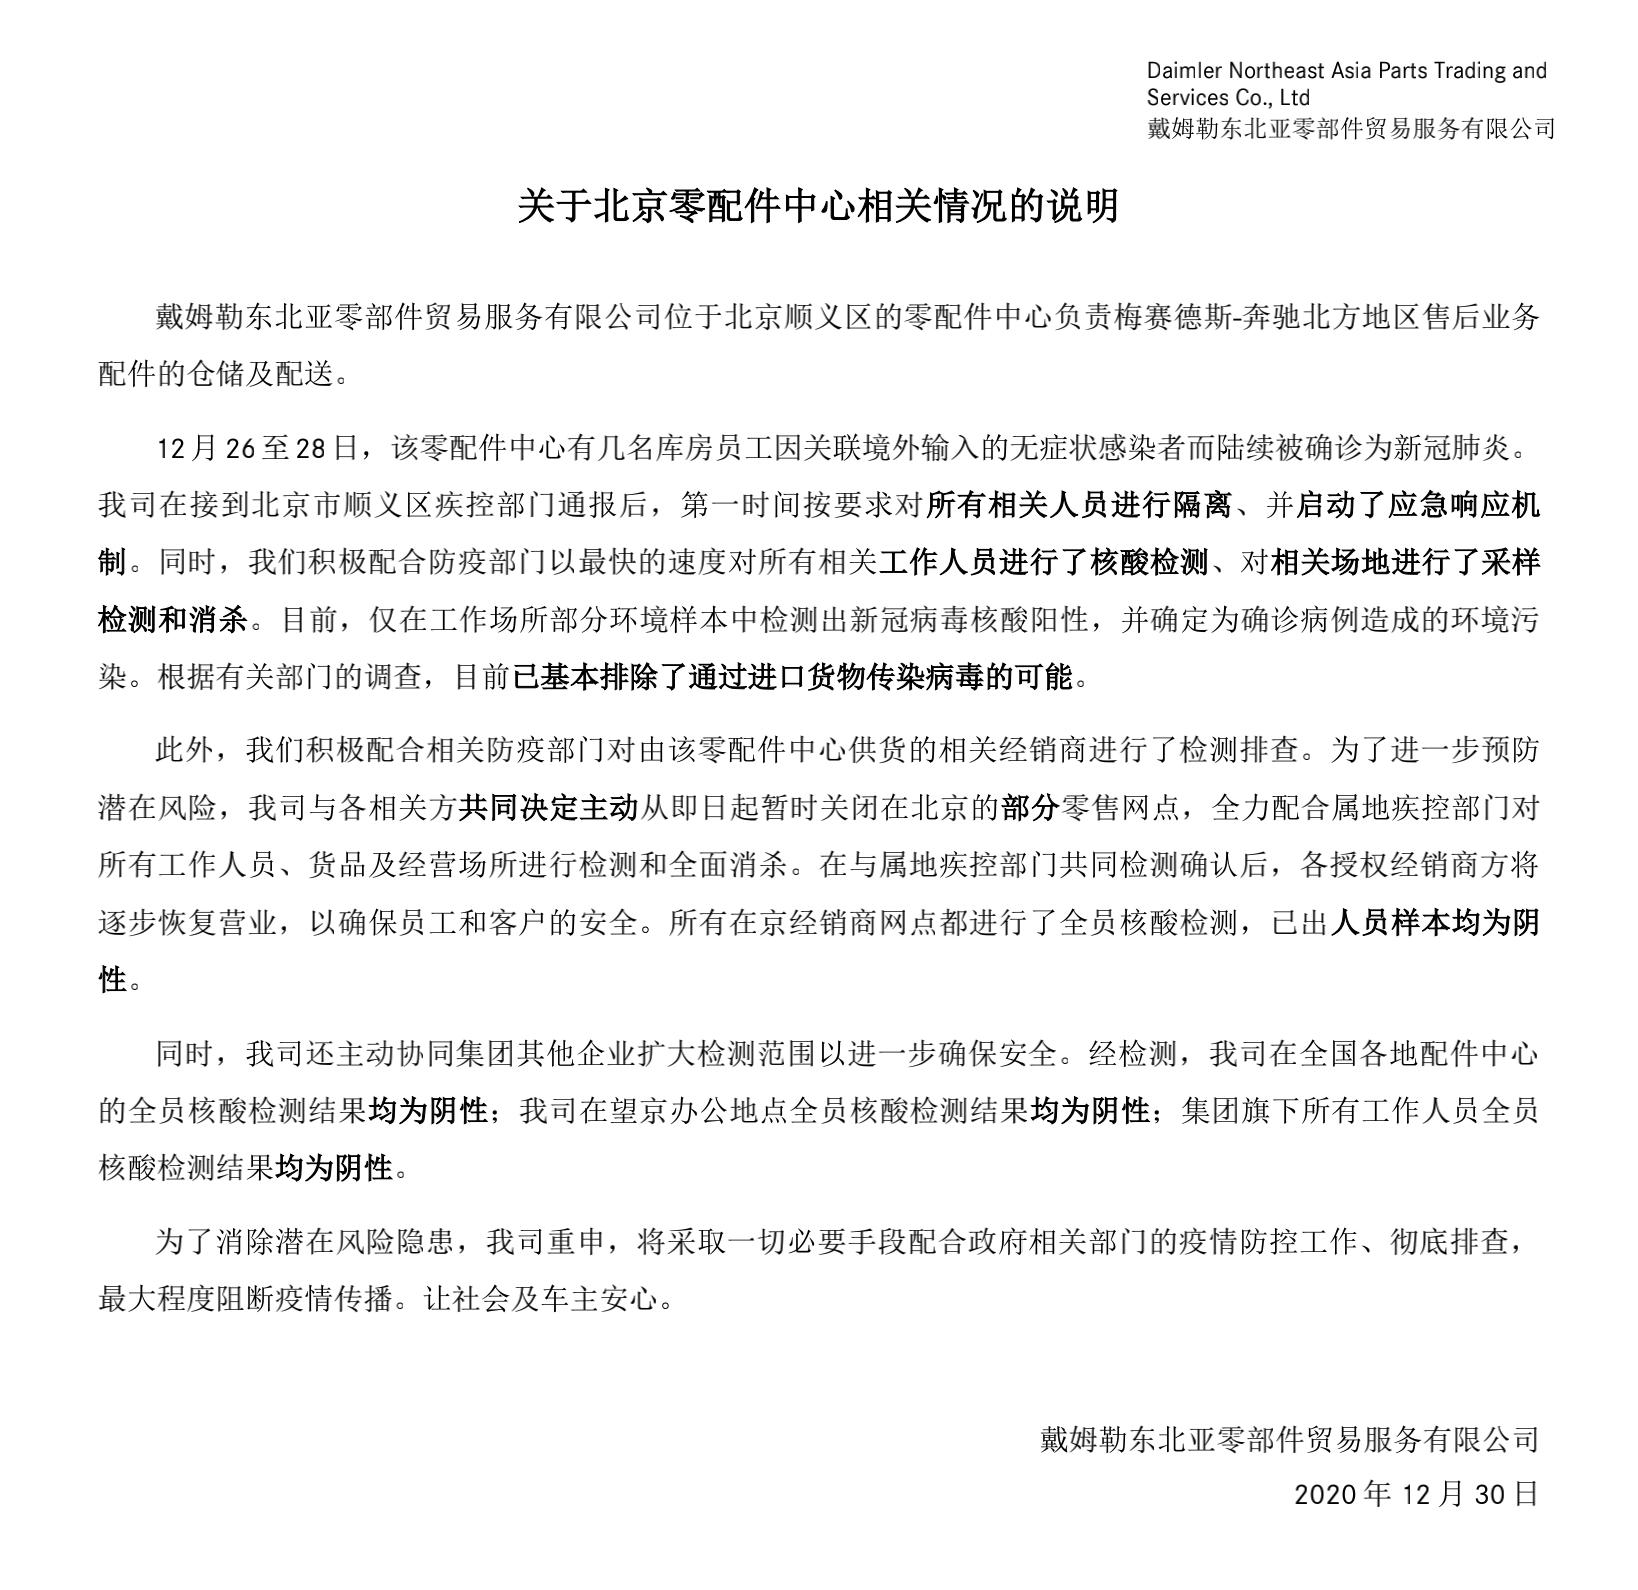 戴姆勒-奔驰发布声明:疫区相关人员已分离出核酸检测结果,已放行人员均为阴性